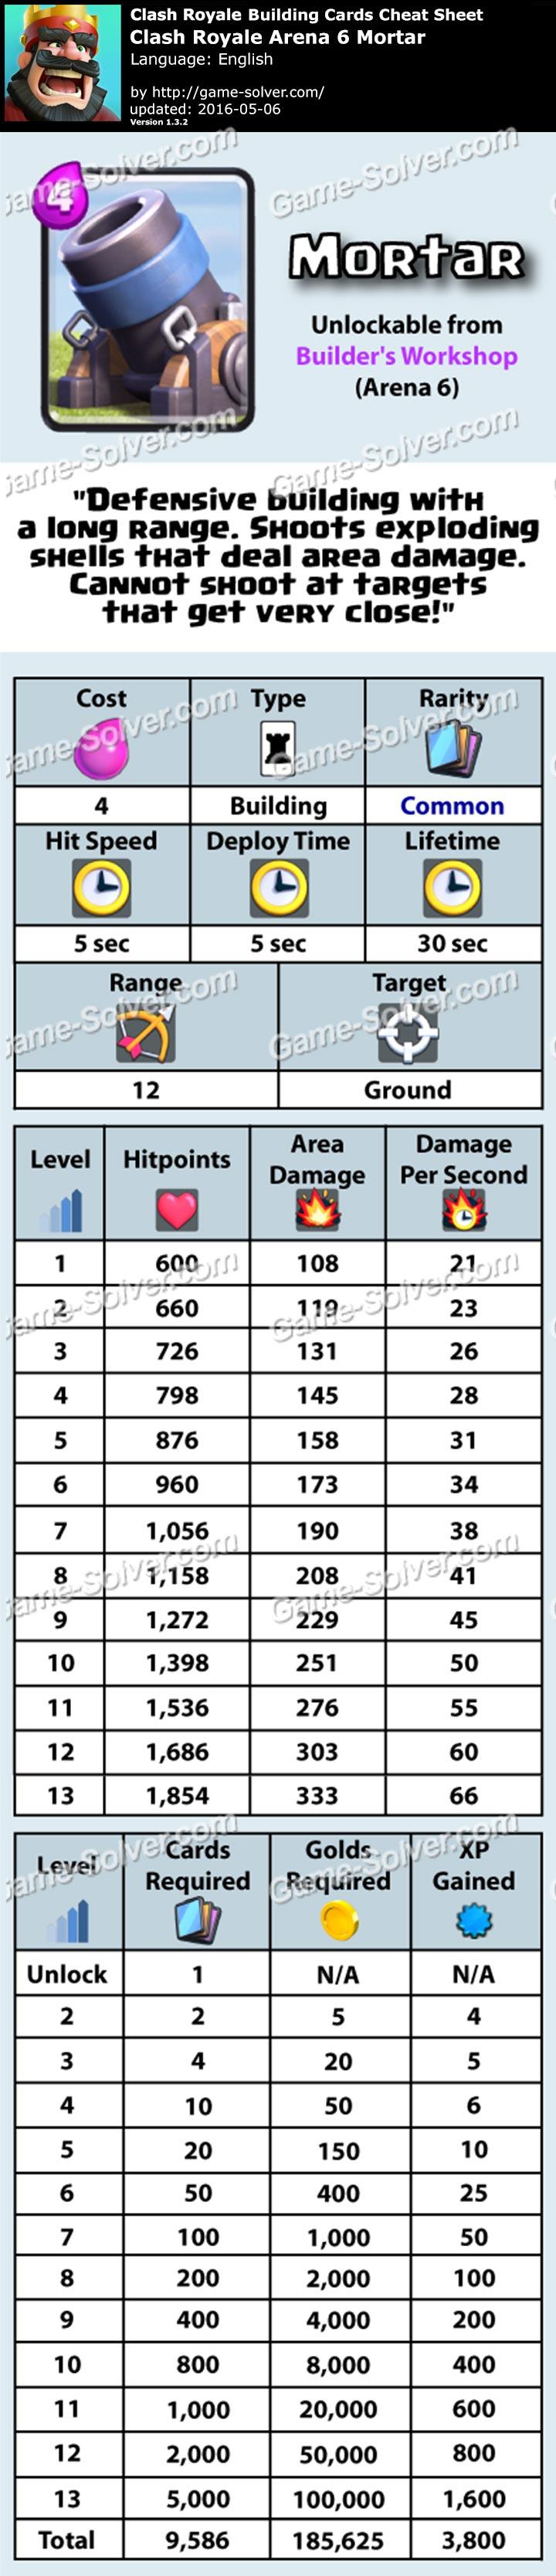 Clash Royale Arena 6 Mortar